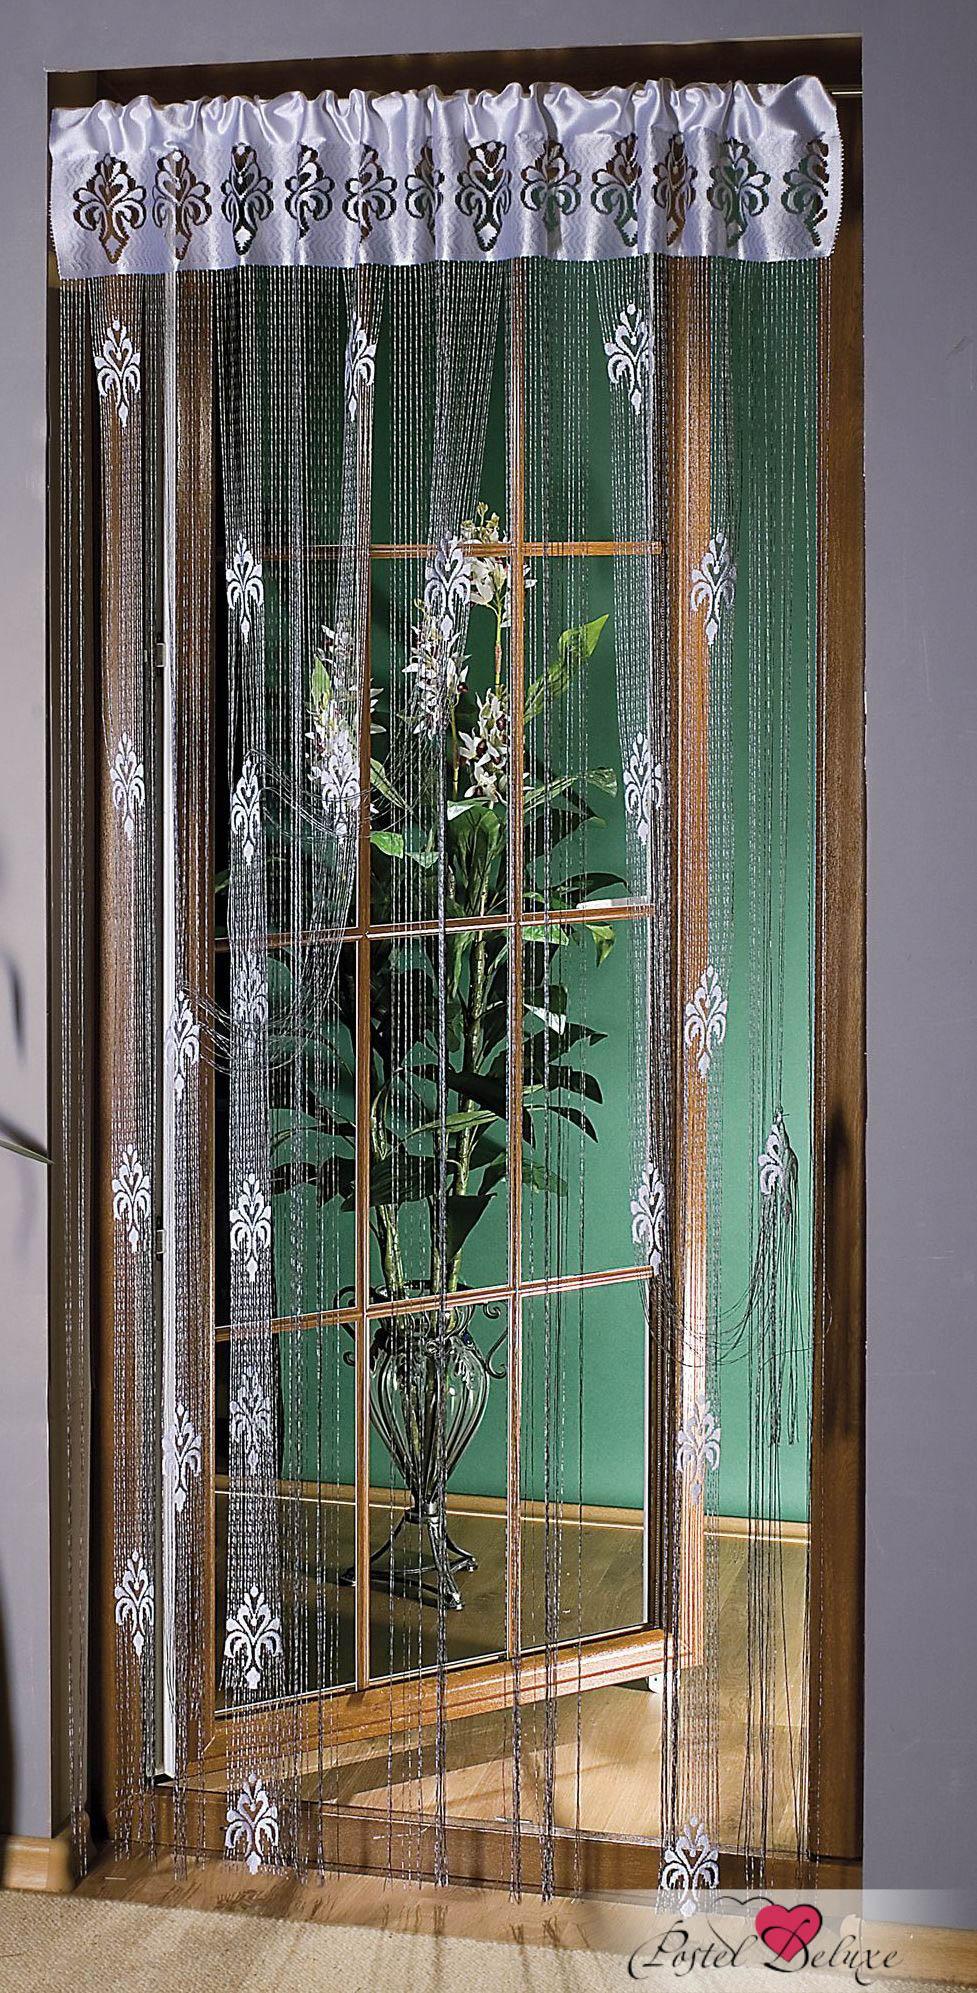 Шторы Wisan Нитяные шторы Joshua Цвет: Серебро комплект штор для кухни wisan celina на ленте цвет белый оранжевый высота 180 см